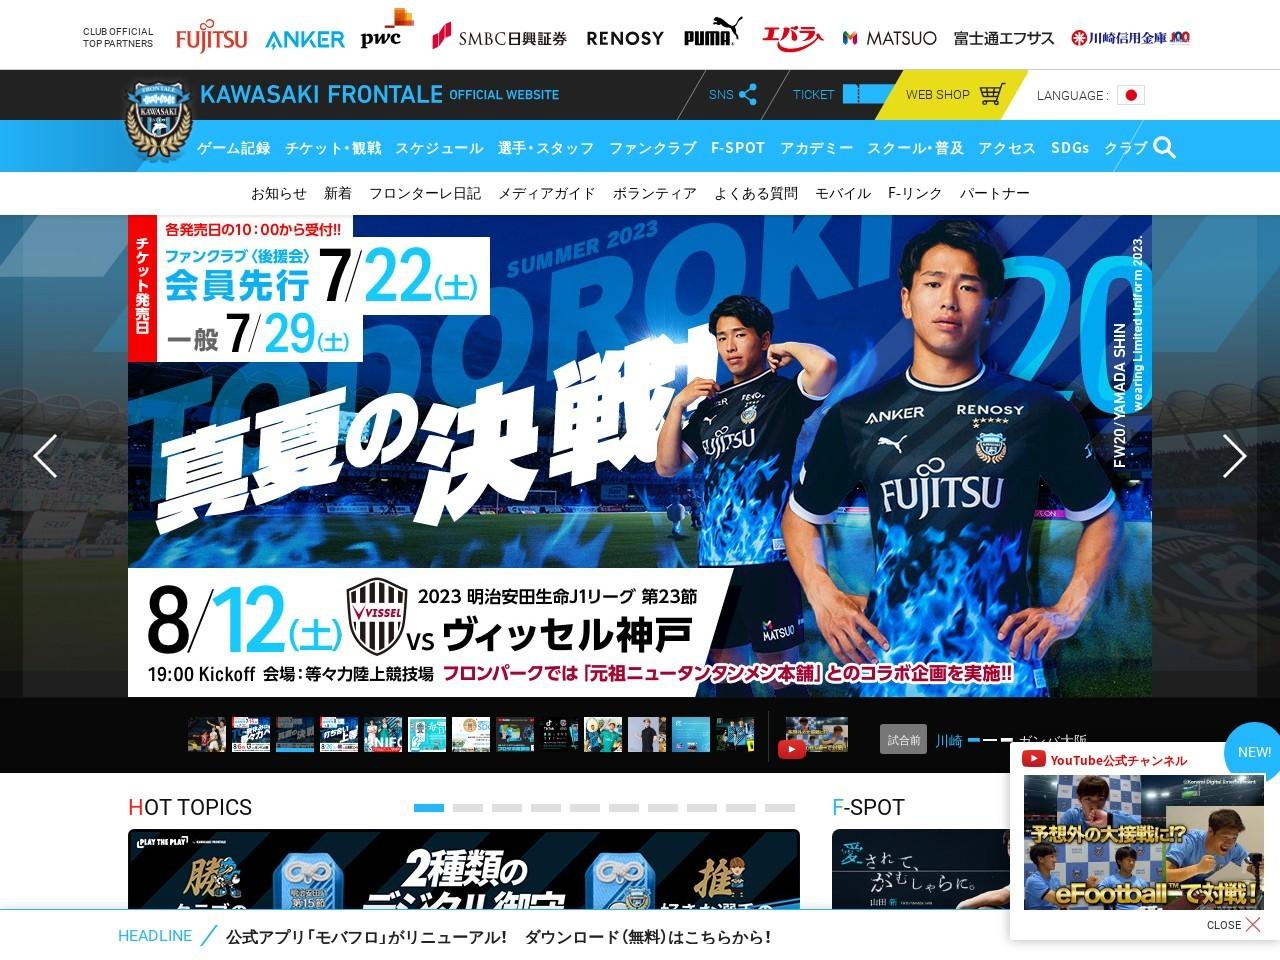 http://www.frontale.co.jp/info/2015/0319_1.html